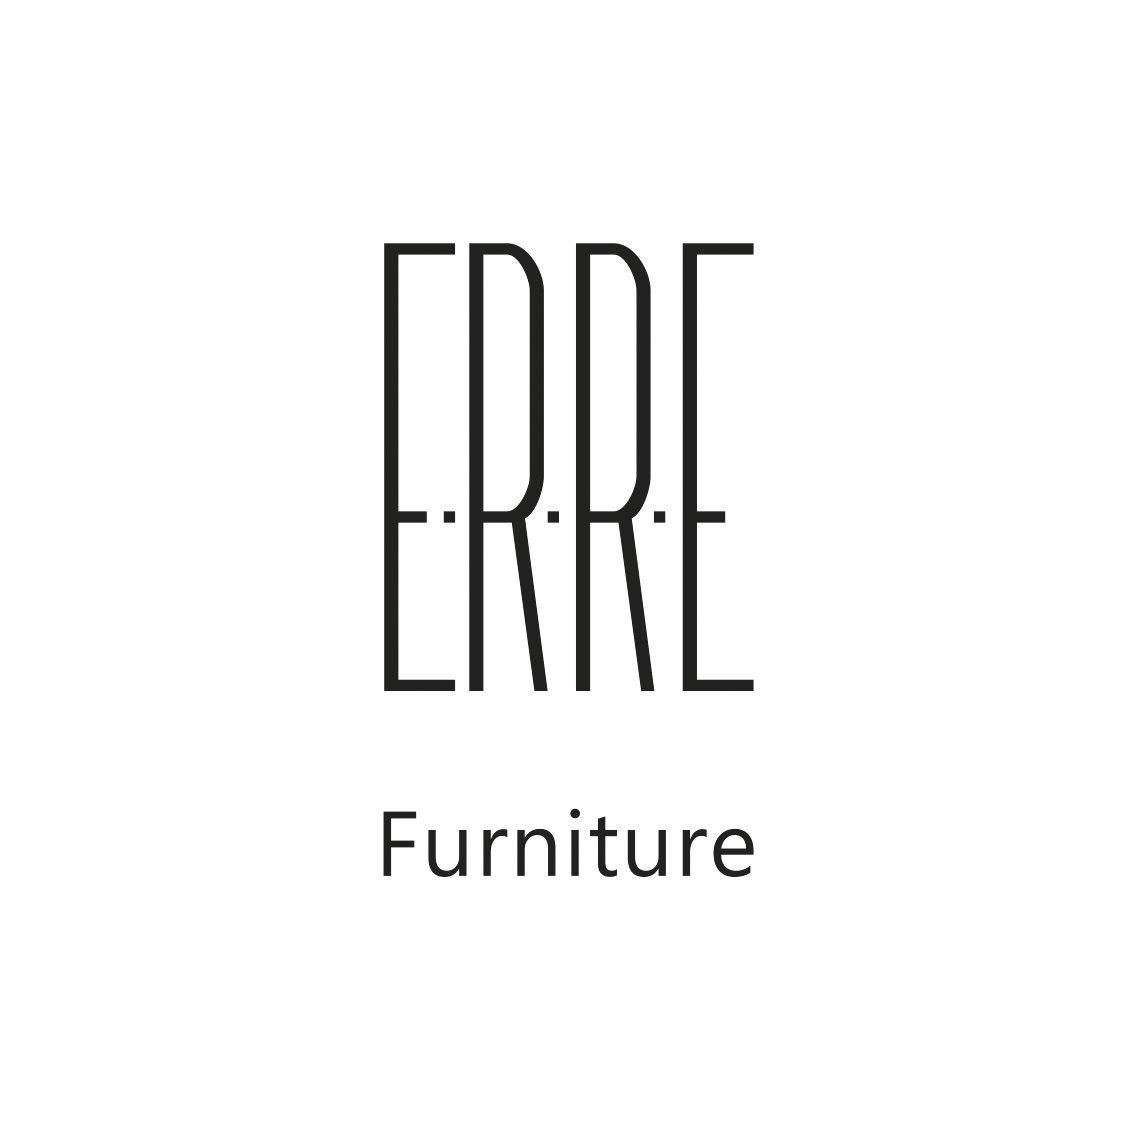 ERRE Furniture